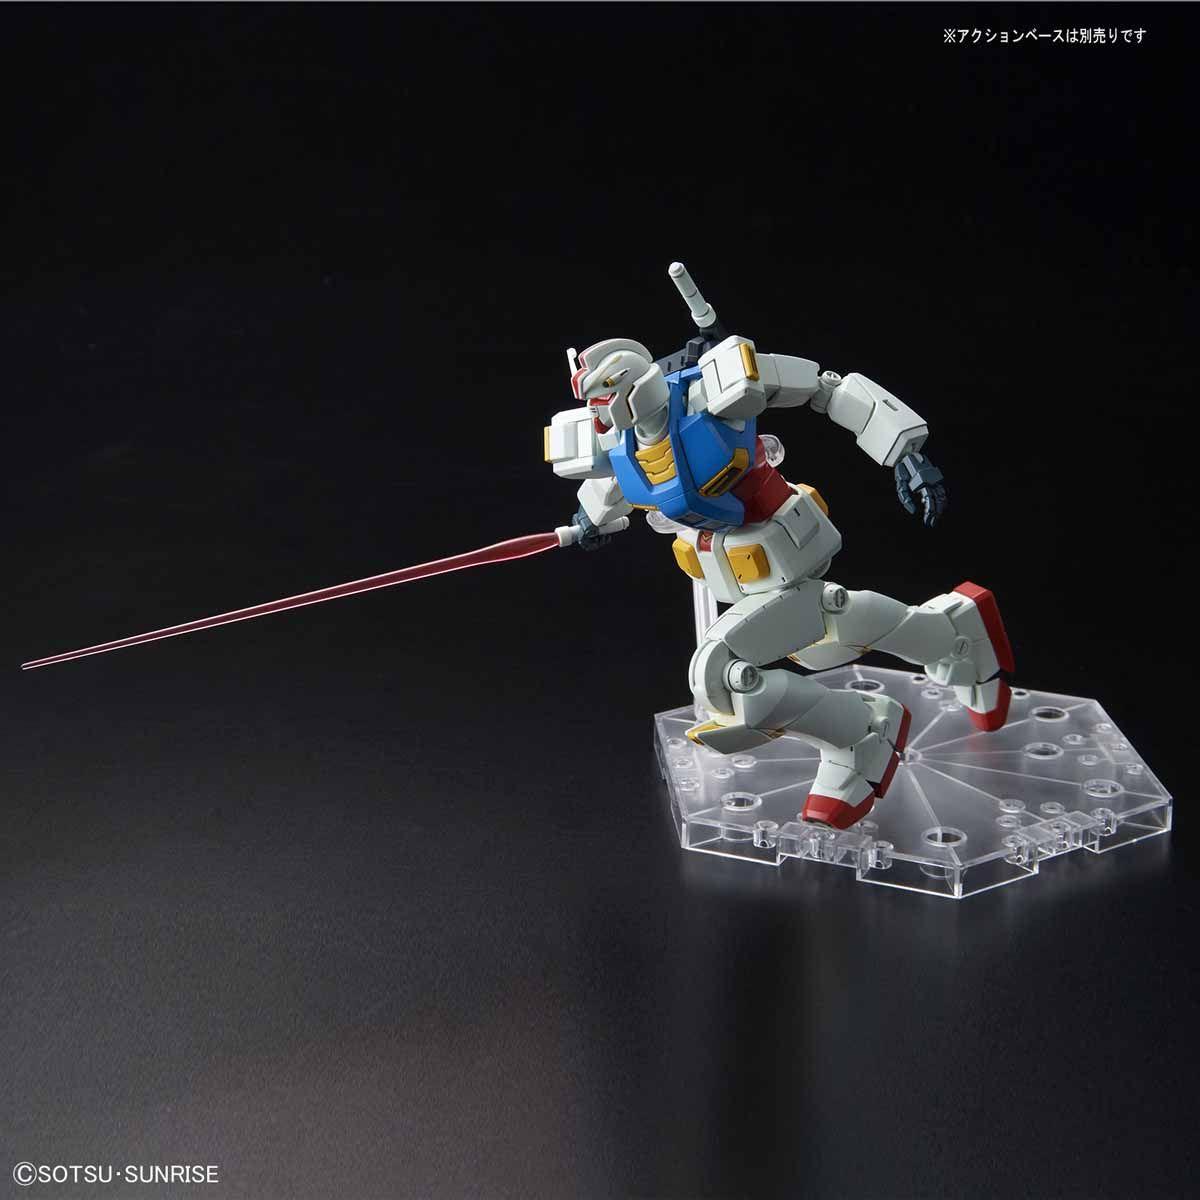 【再販】HG 1/144『ガンダムG40(Industrial Design Ver.)』プラモデル-010